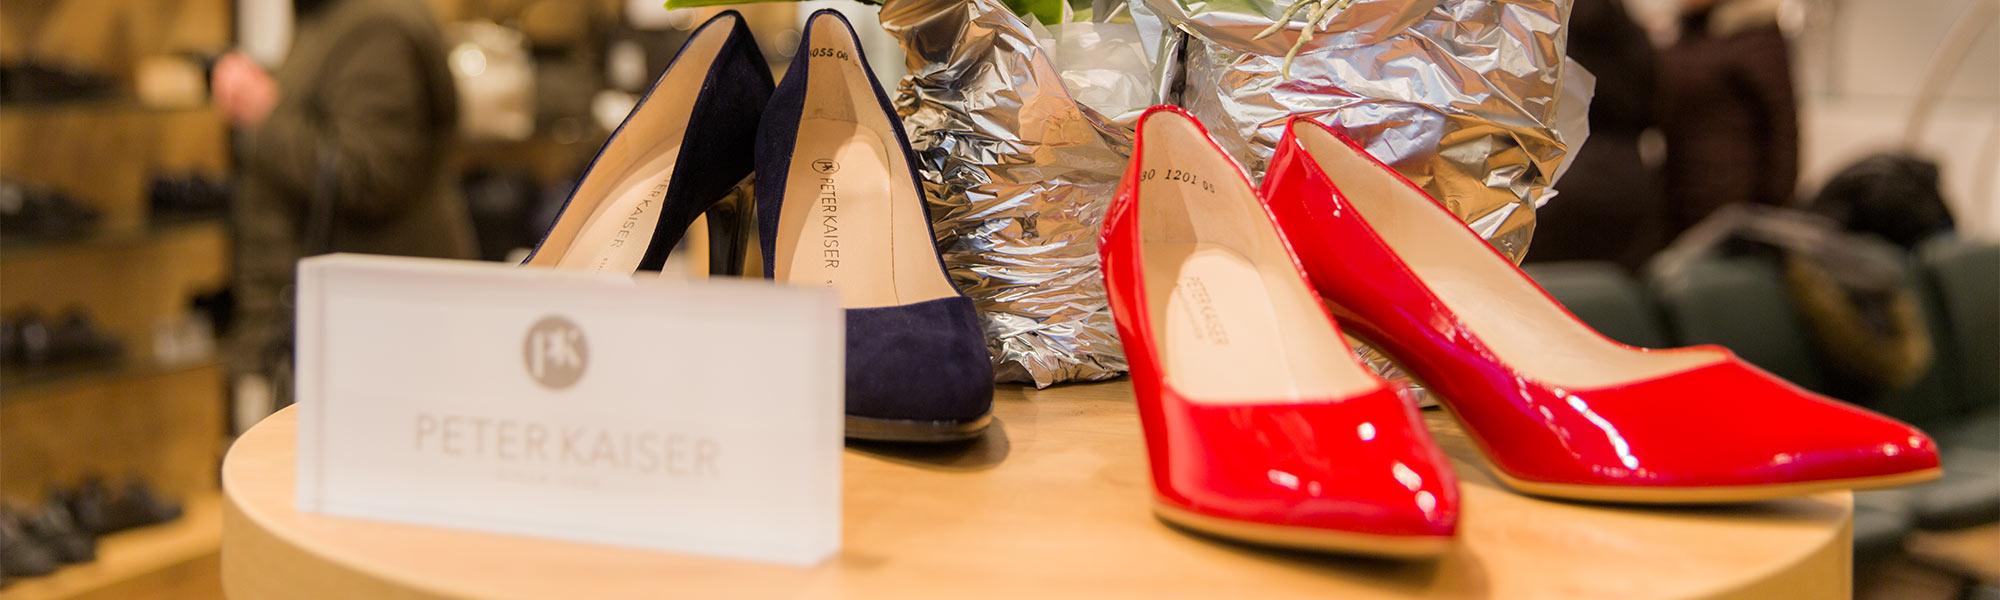 Bequeme Schuhe — in schön